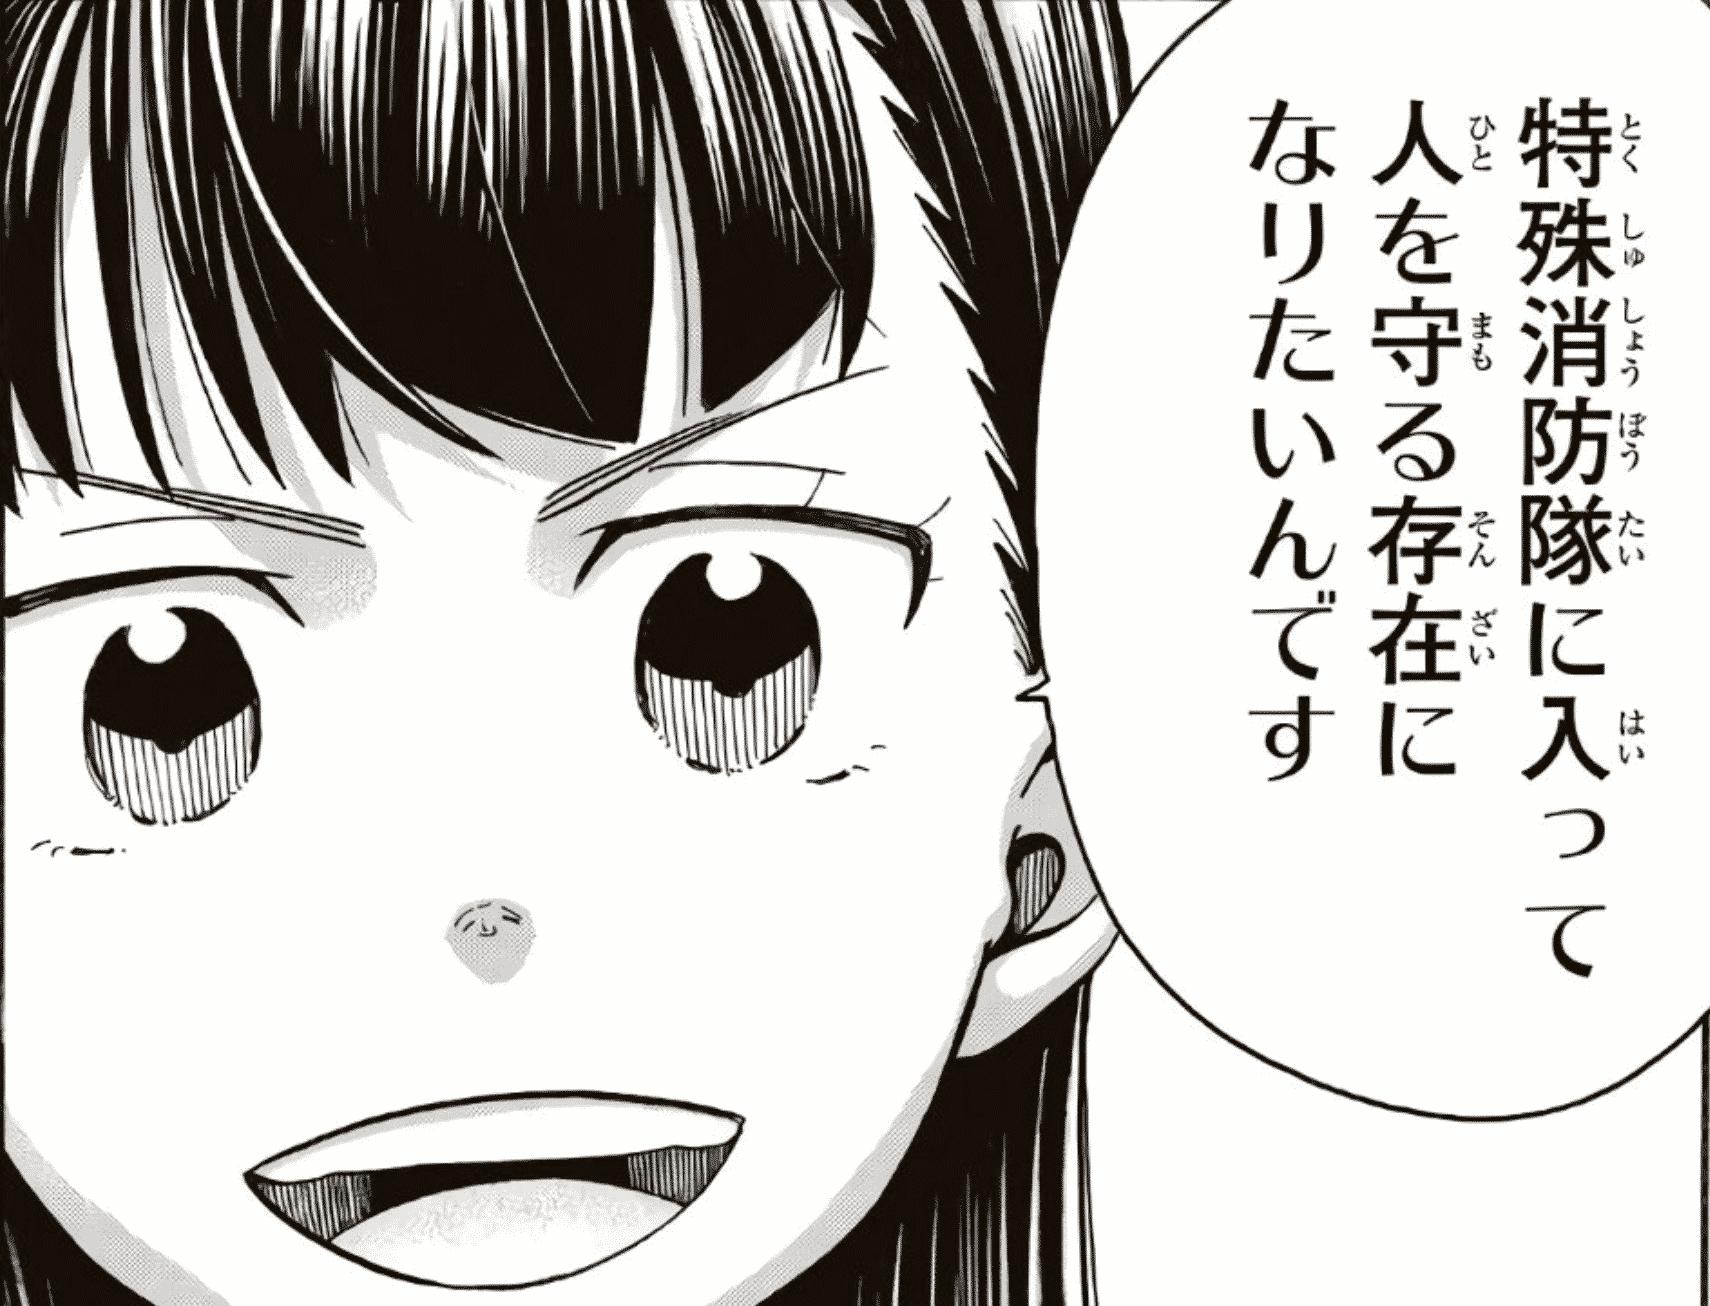 ノ 話 隊 炎炎 消防 最新 炎炎ノ消防隊